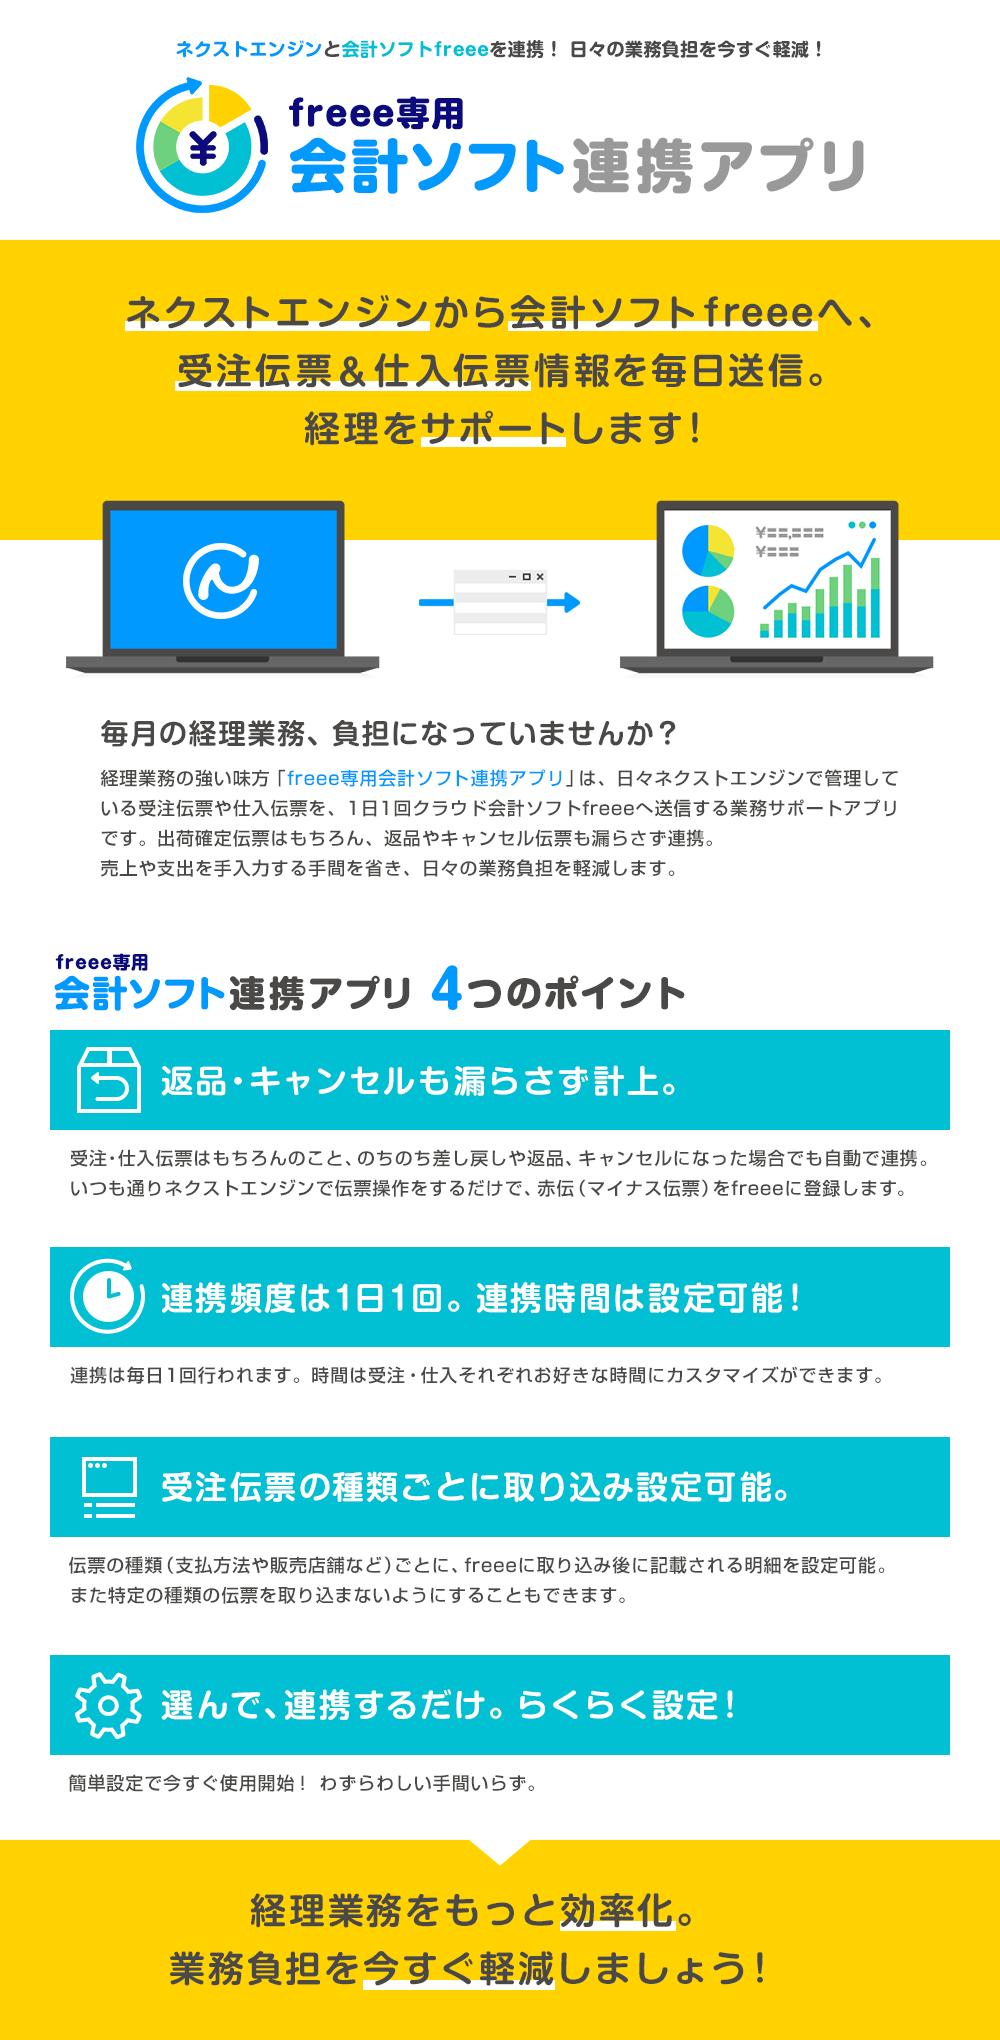 freee専用「会計ソフト連携アプリ」